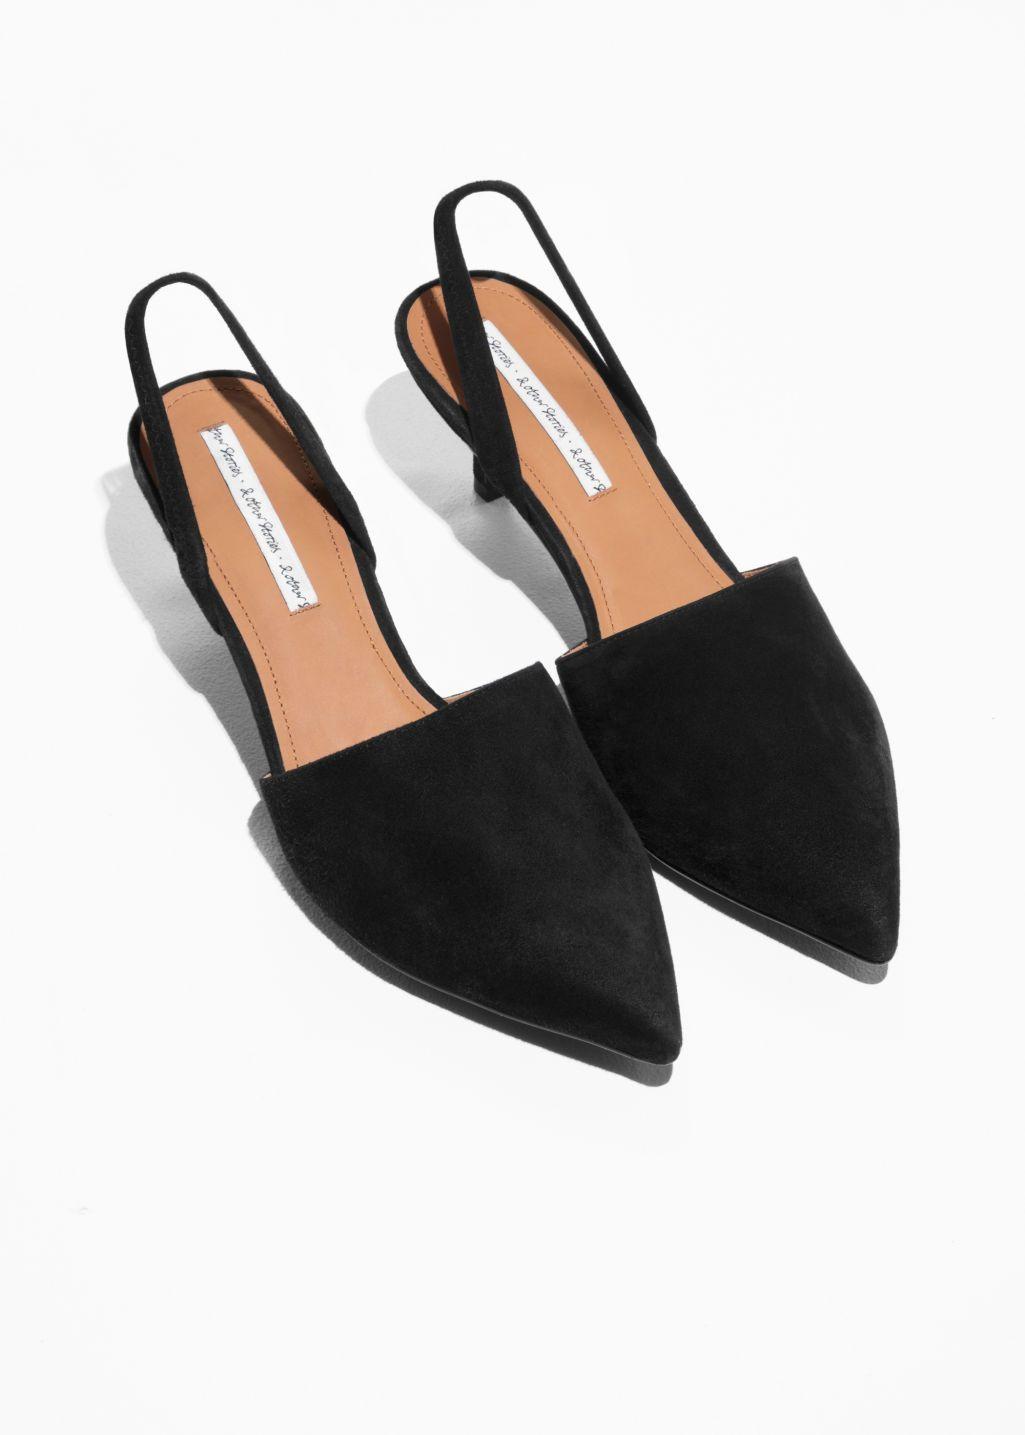 Kitten Heel Pumps Kitten Heel Shoes Pumps Heels Fashion High Heels